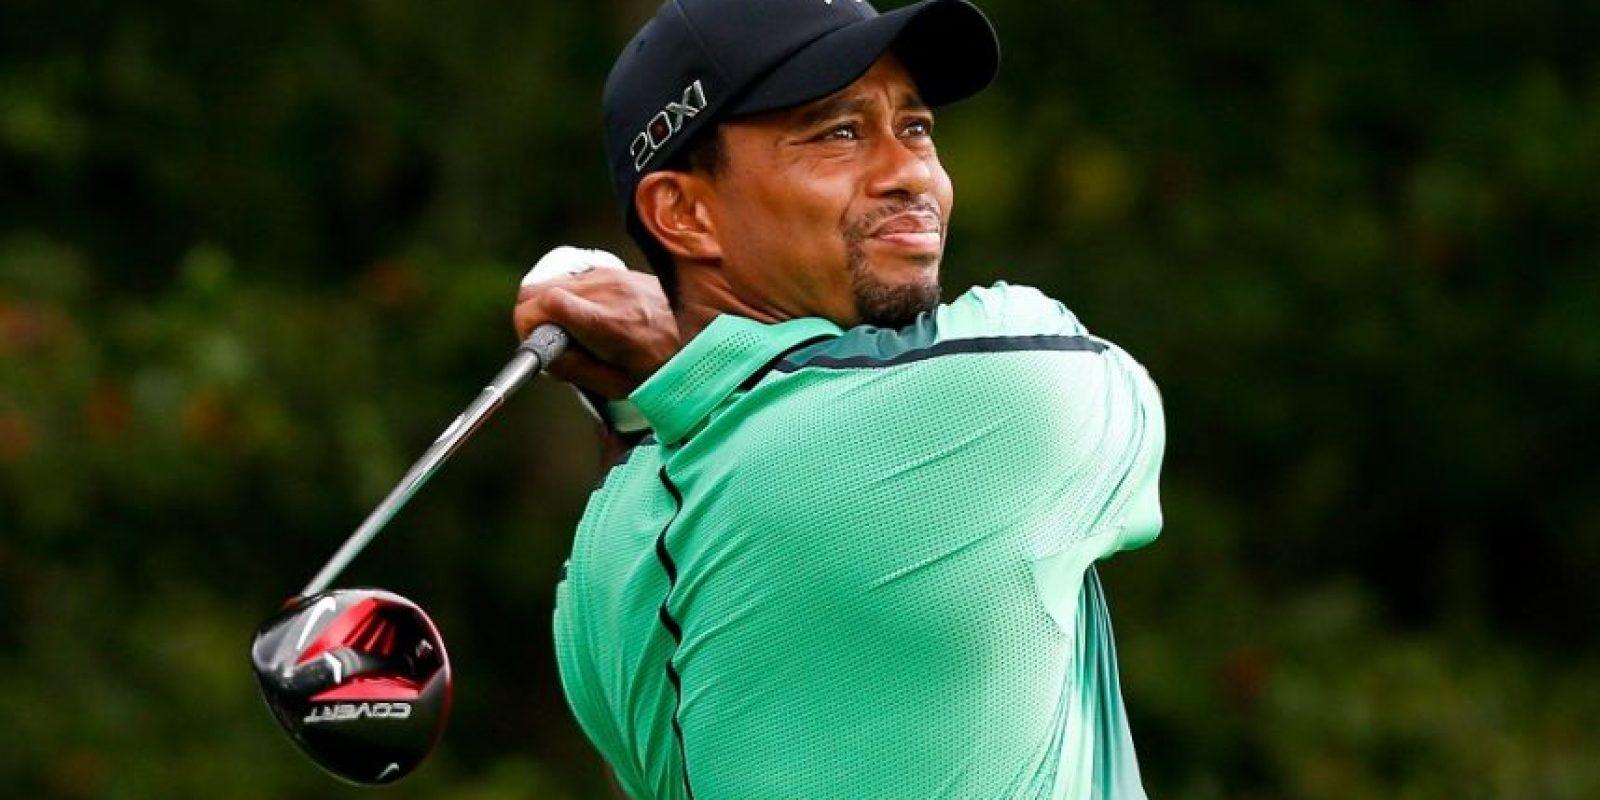 6- Tiger Woods. Ganador de 14 torneos mayores (cuatro ocasiones campeón de la PGA, cuatro veces del Master de Augusta, tres del Abierto de Estados Unidos y tres del Abierto Británico). A pesar de no conquistar ningún torneo de importancia desde 2008, Woods es considerado uno de los mejores golfistas en la historia de este deporte. El antiguo número uno del mundo sigue generando expectativas entre sus seguidores en cada torneo que participa. Foto:Fuente externa